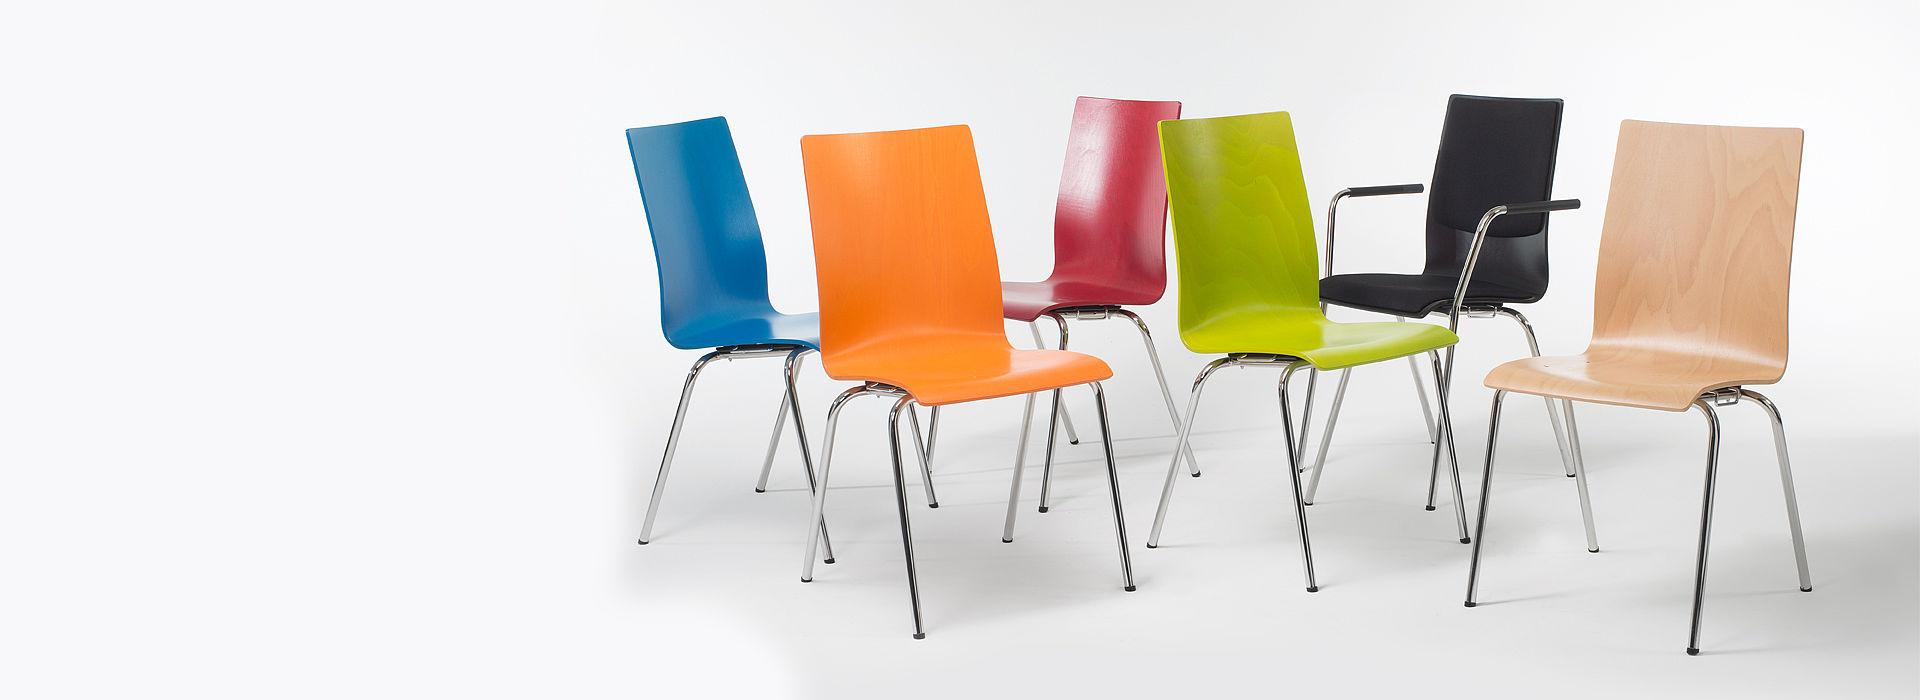 Bild: Komfortablen MAX Stühle mit diversen Optionen